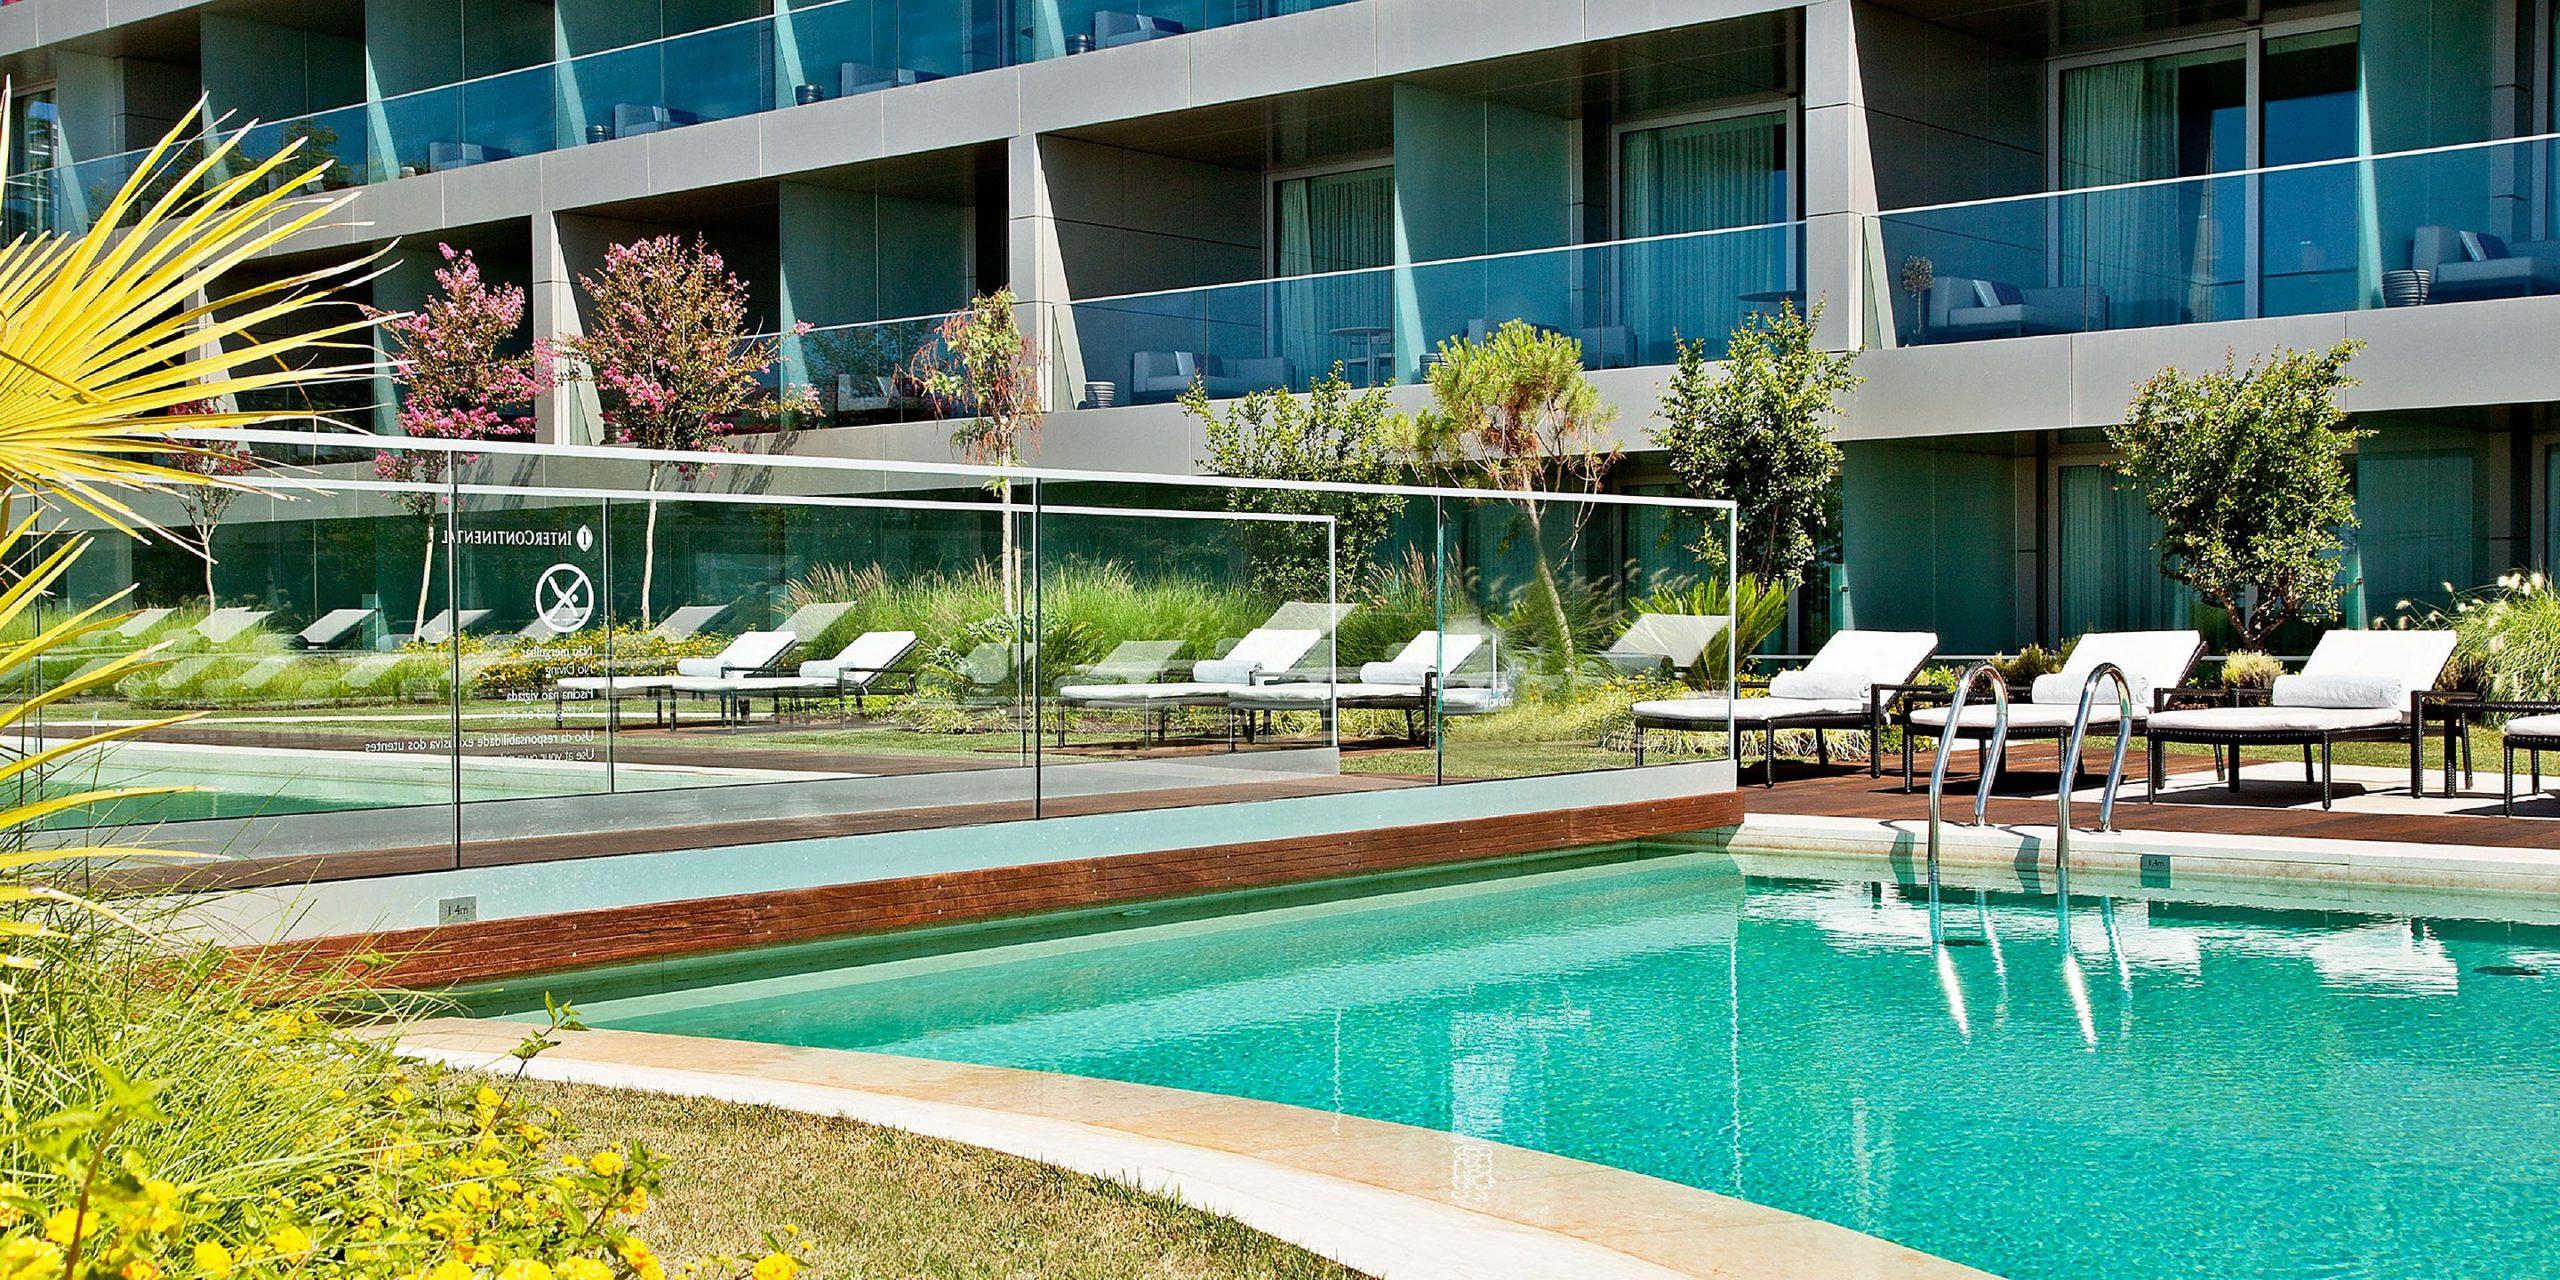 Kostenfreie Übernachtung bei InterContinental Hotels